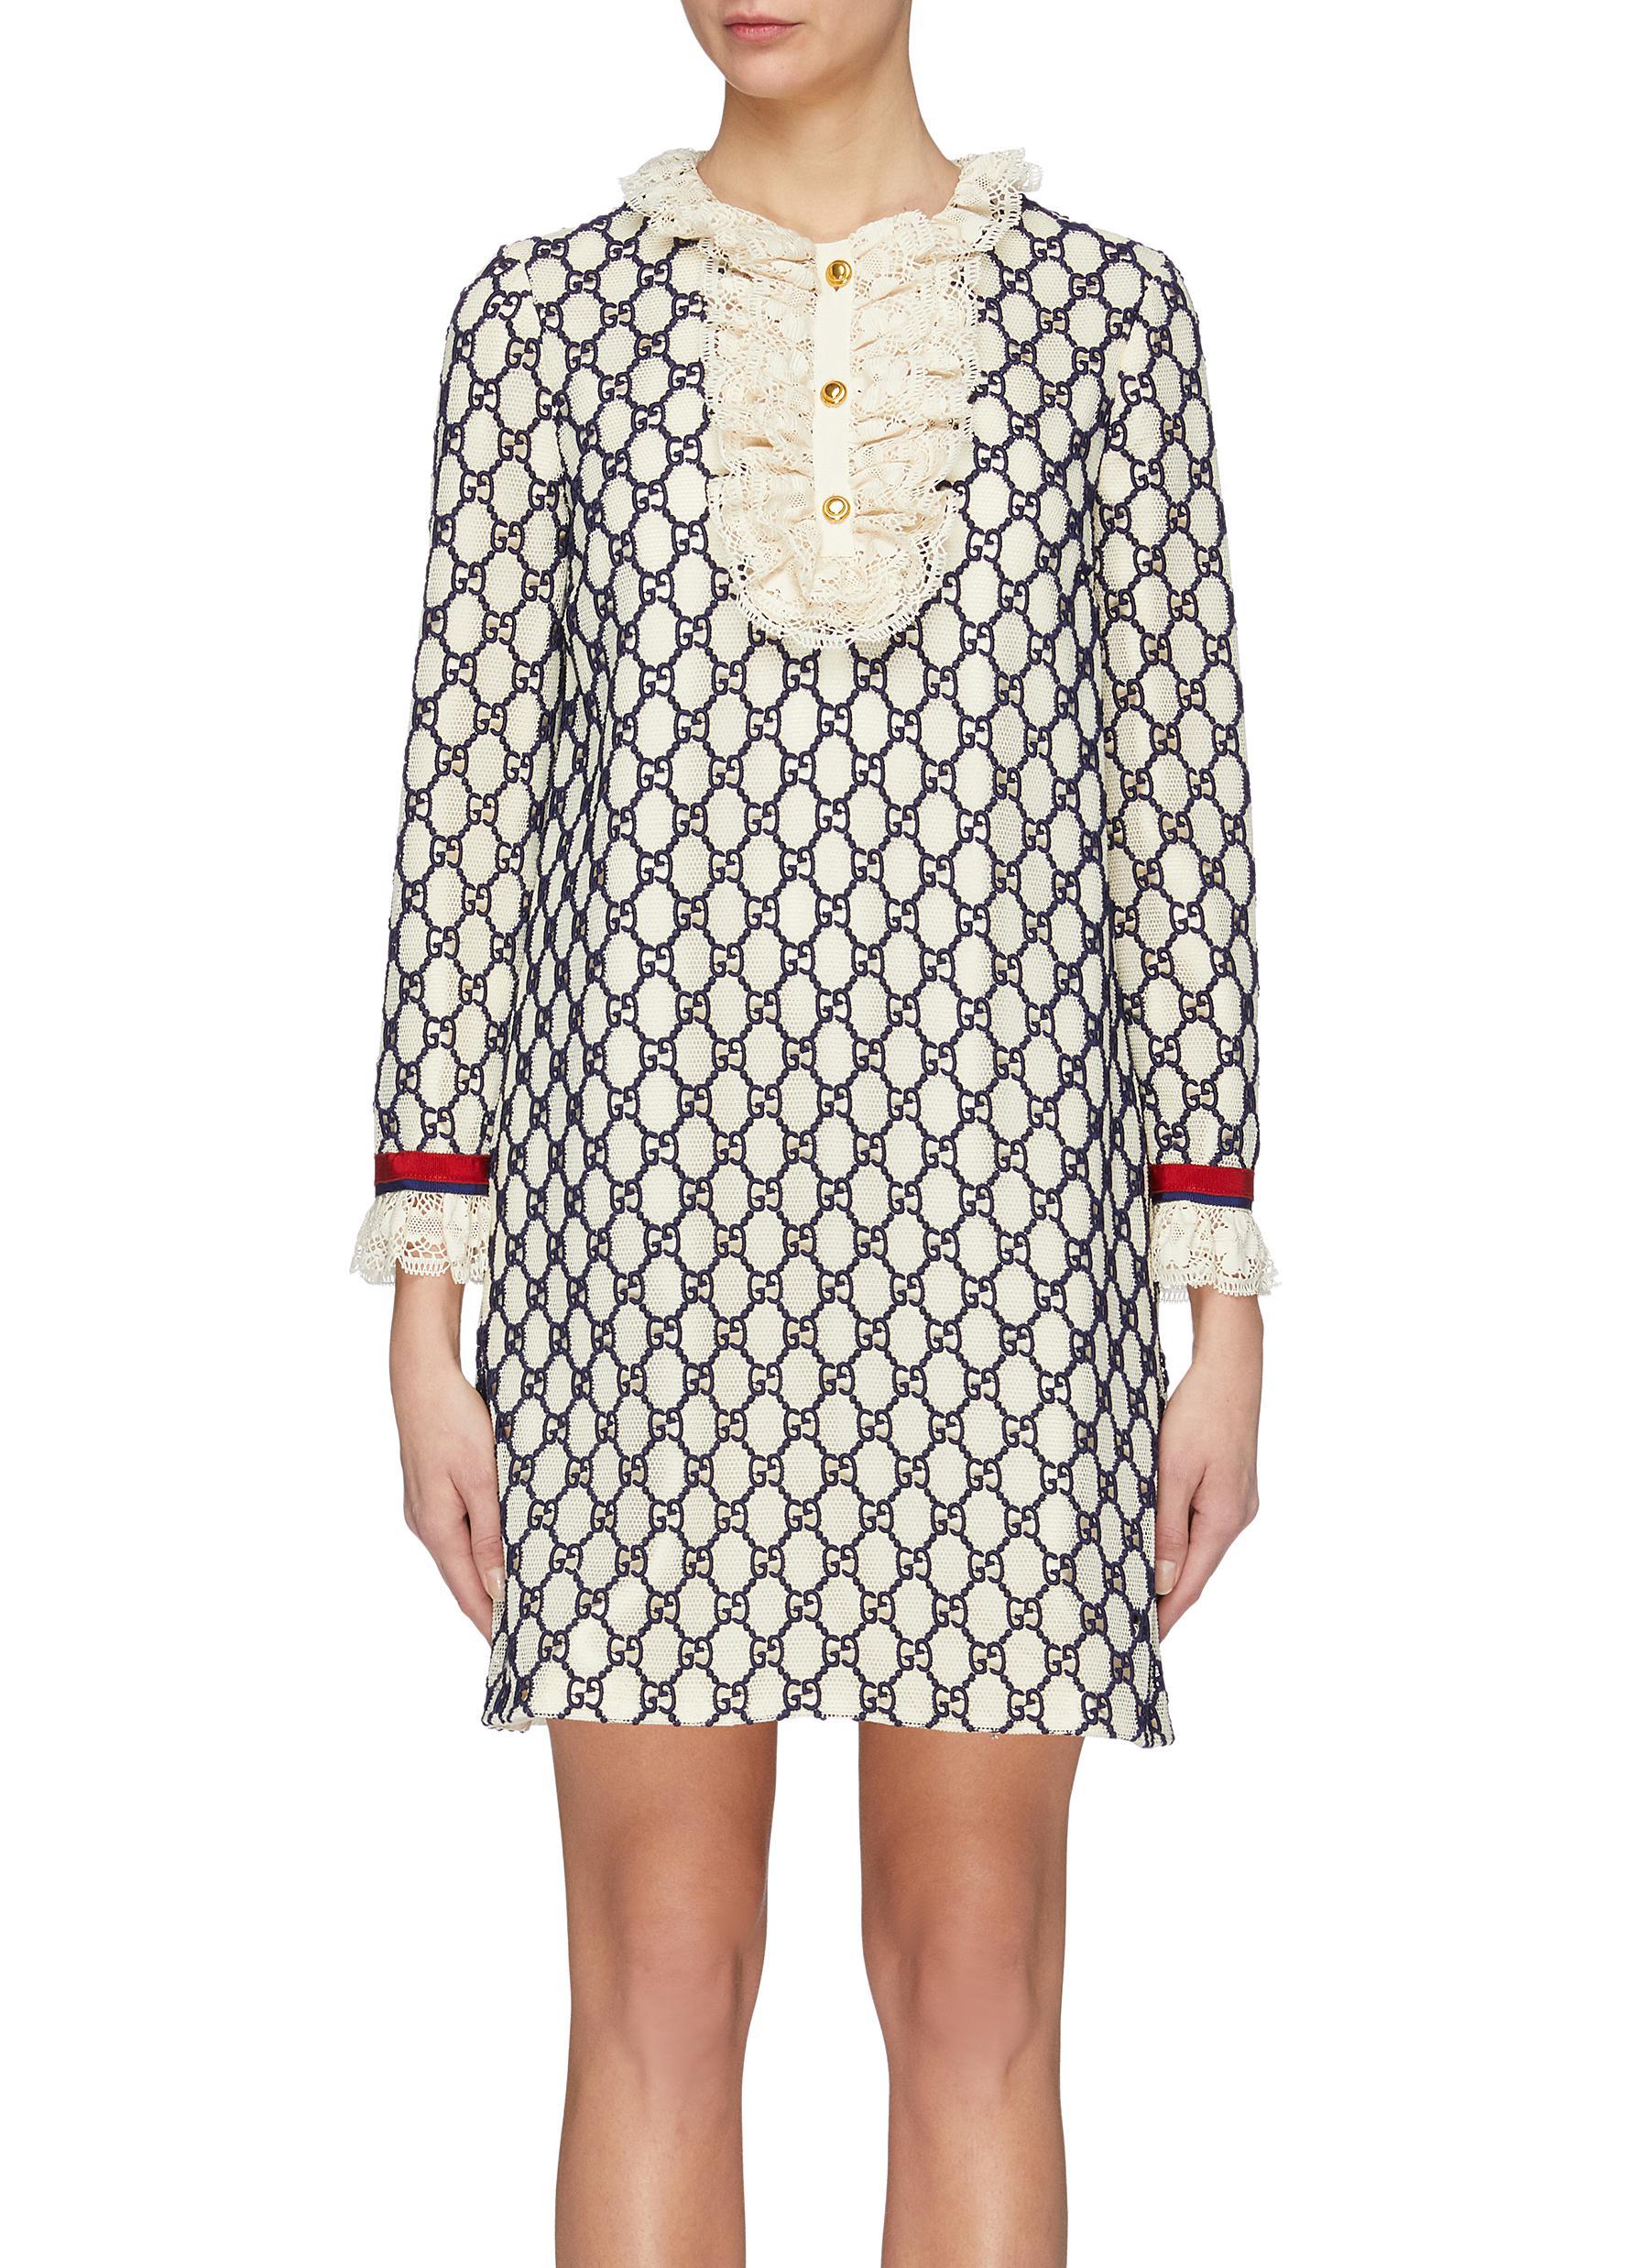 a8ffb583c3c3 Gucci. Lace bib GG macramé dress